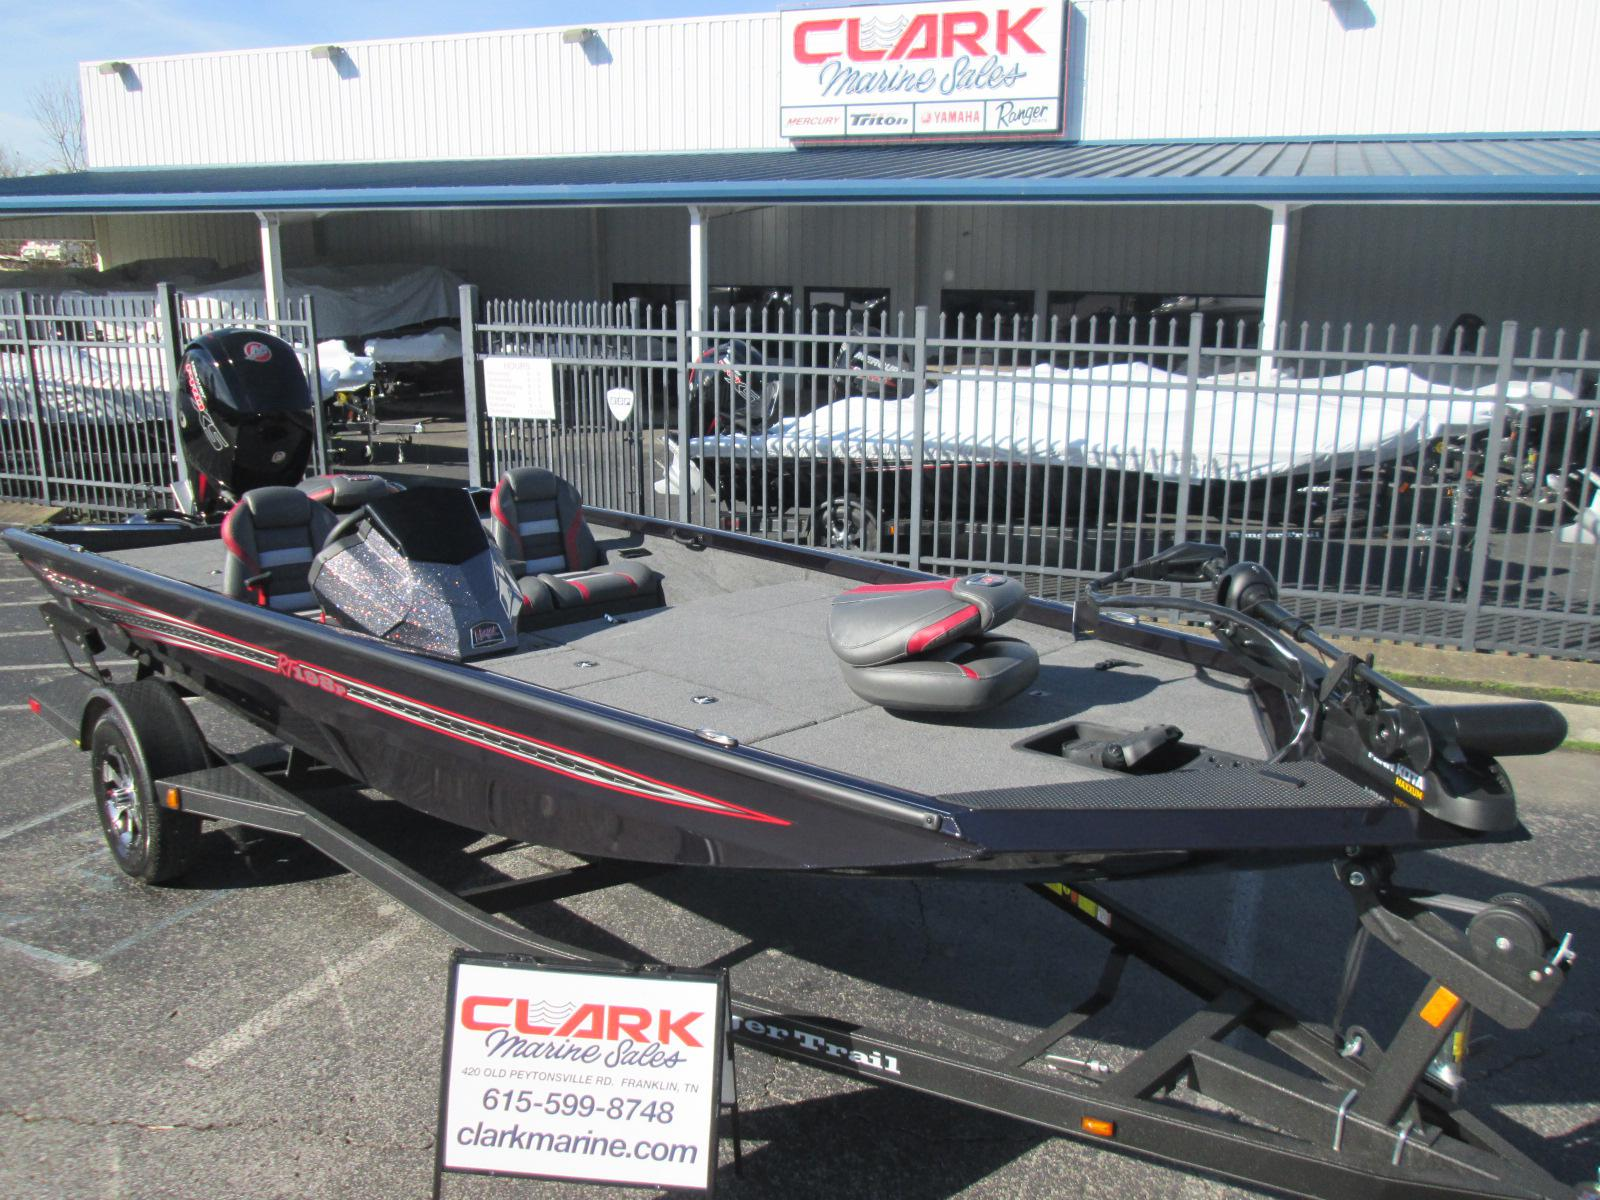 2019 Ranger Rt 198 P For Sale In Franklin Tn Clark Marine